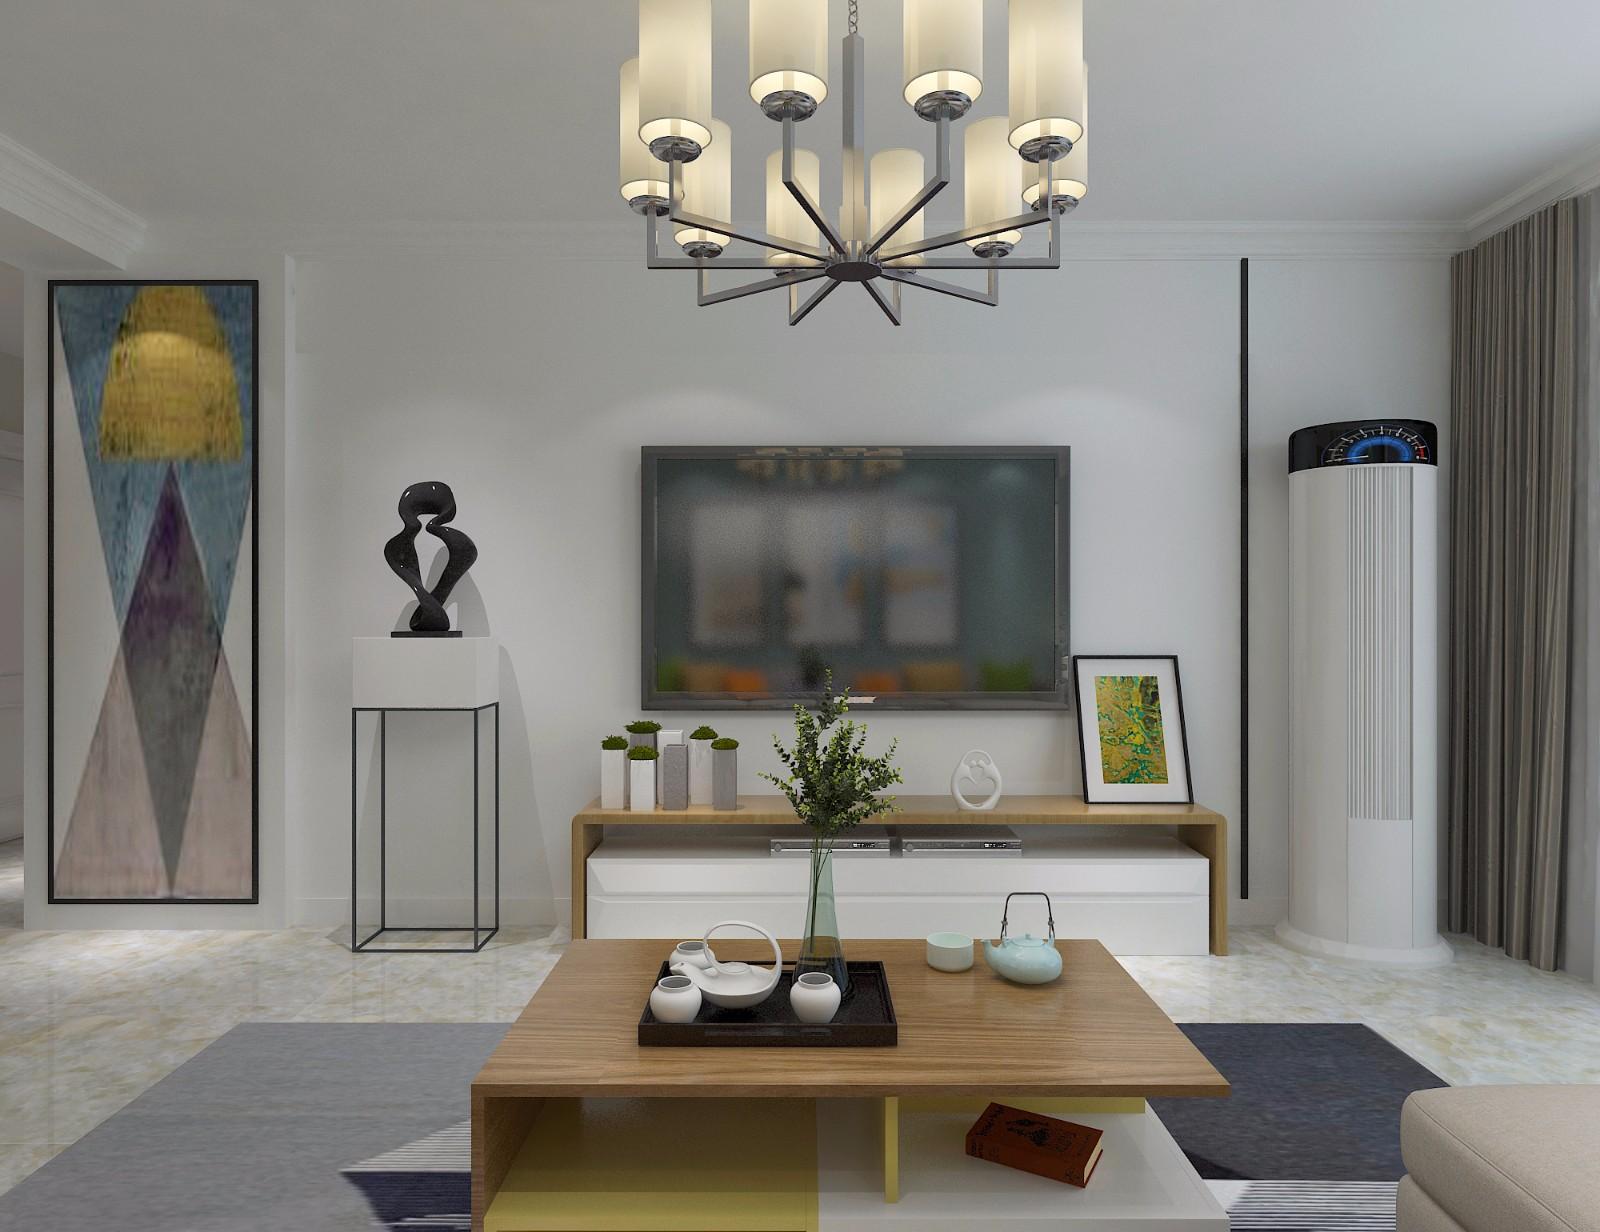 简约现代风格电视背景墙装修效果图